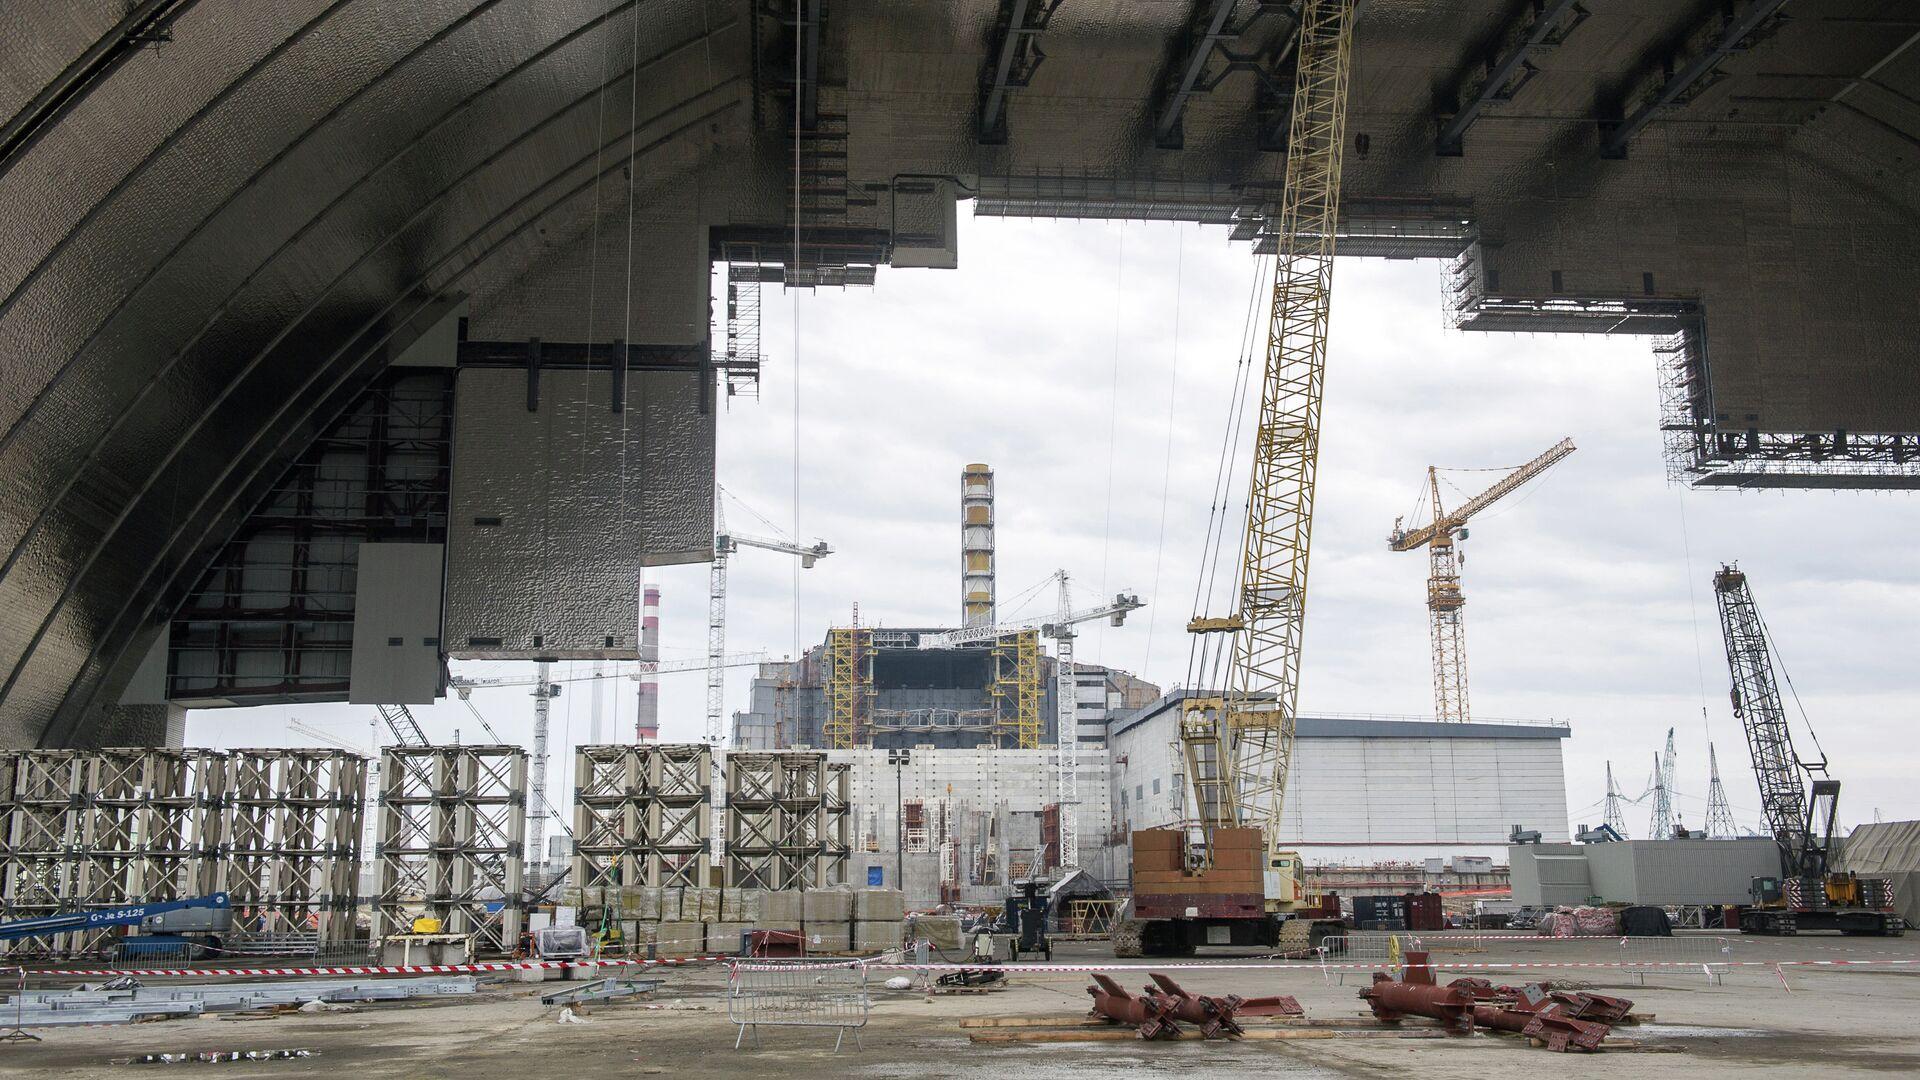 Costruzione del nuovo arco protettivo per la centrale di Chernobyl - Sputnik Italia, 1920, 30.05.2021